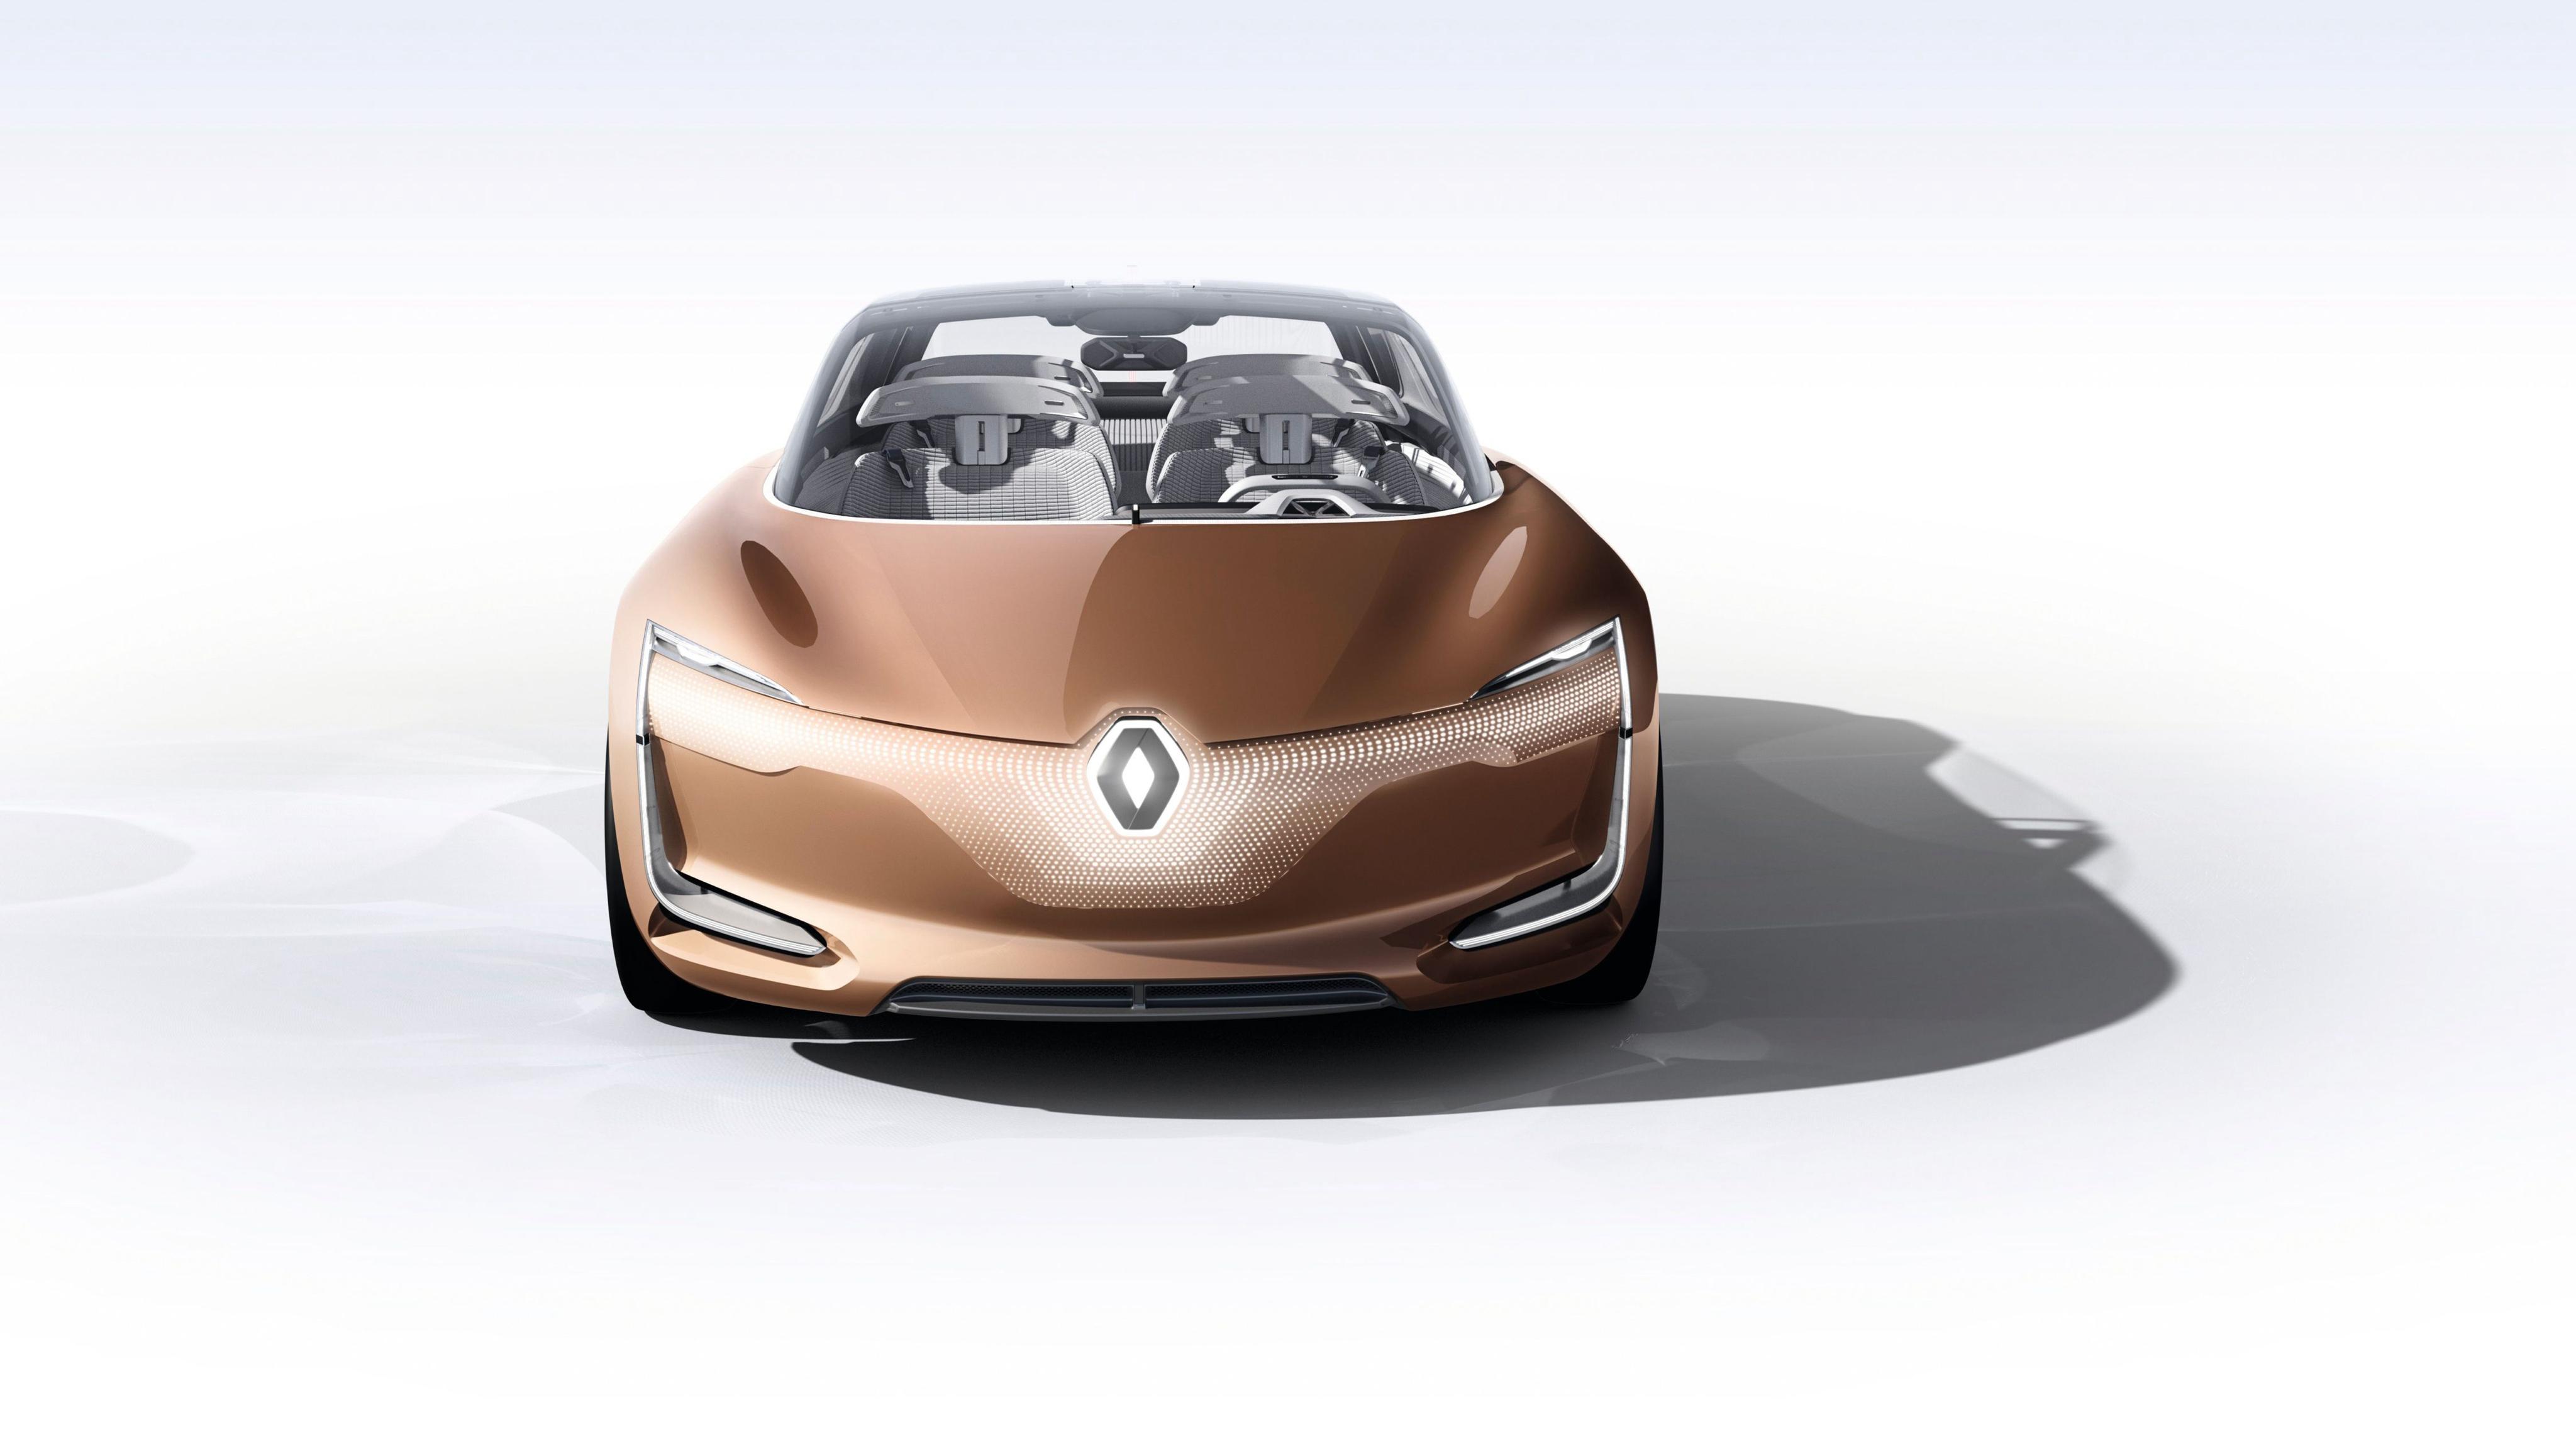 Renault Symbioz Autonomous Electric Car 4K Wallpaper